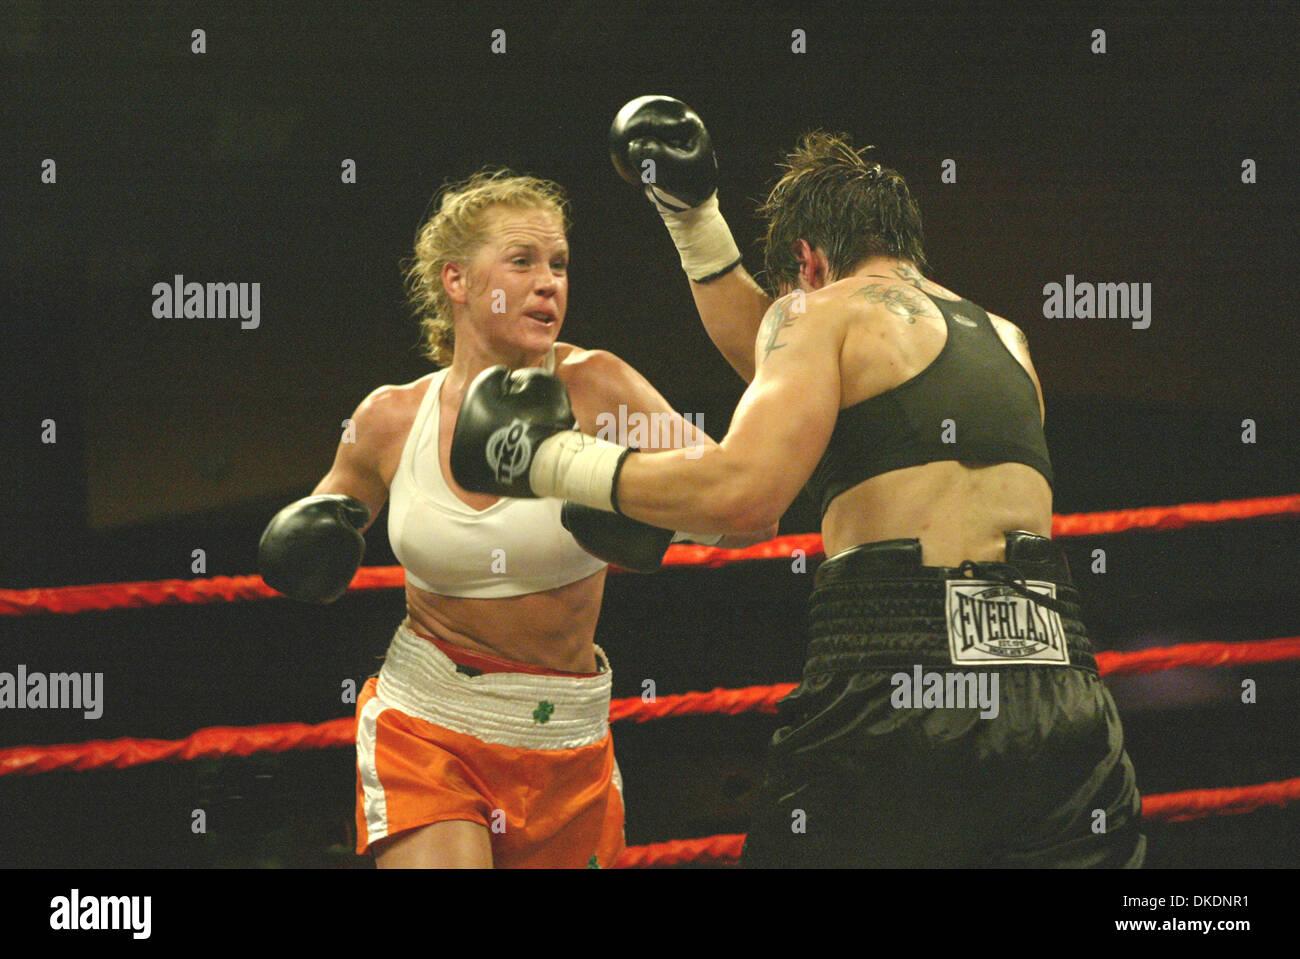 Isleta casino boxing casino gratis line